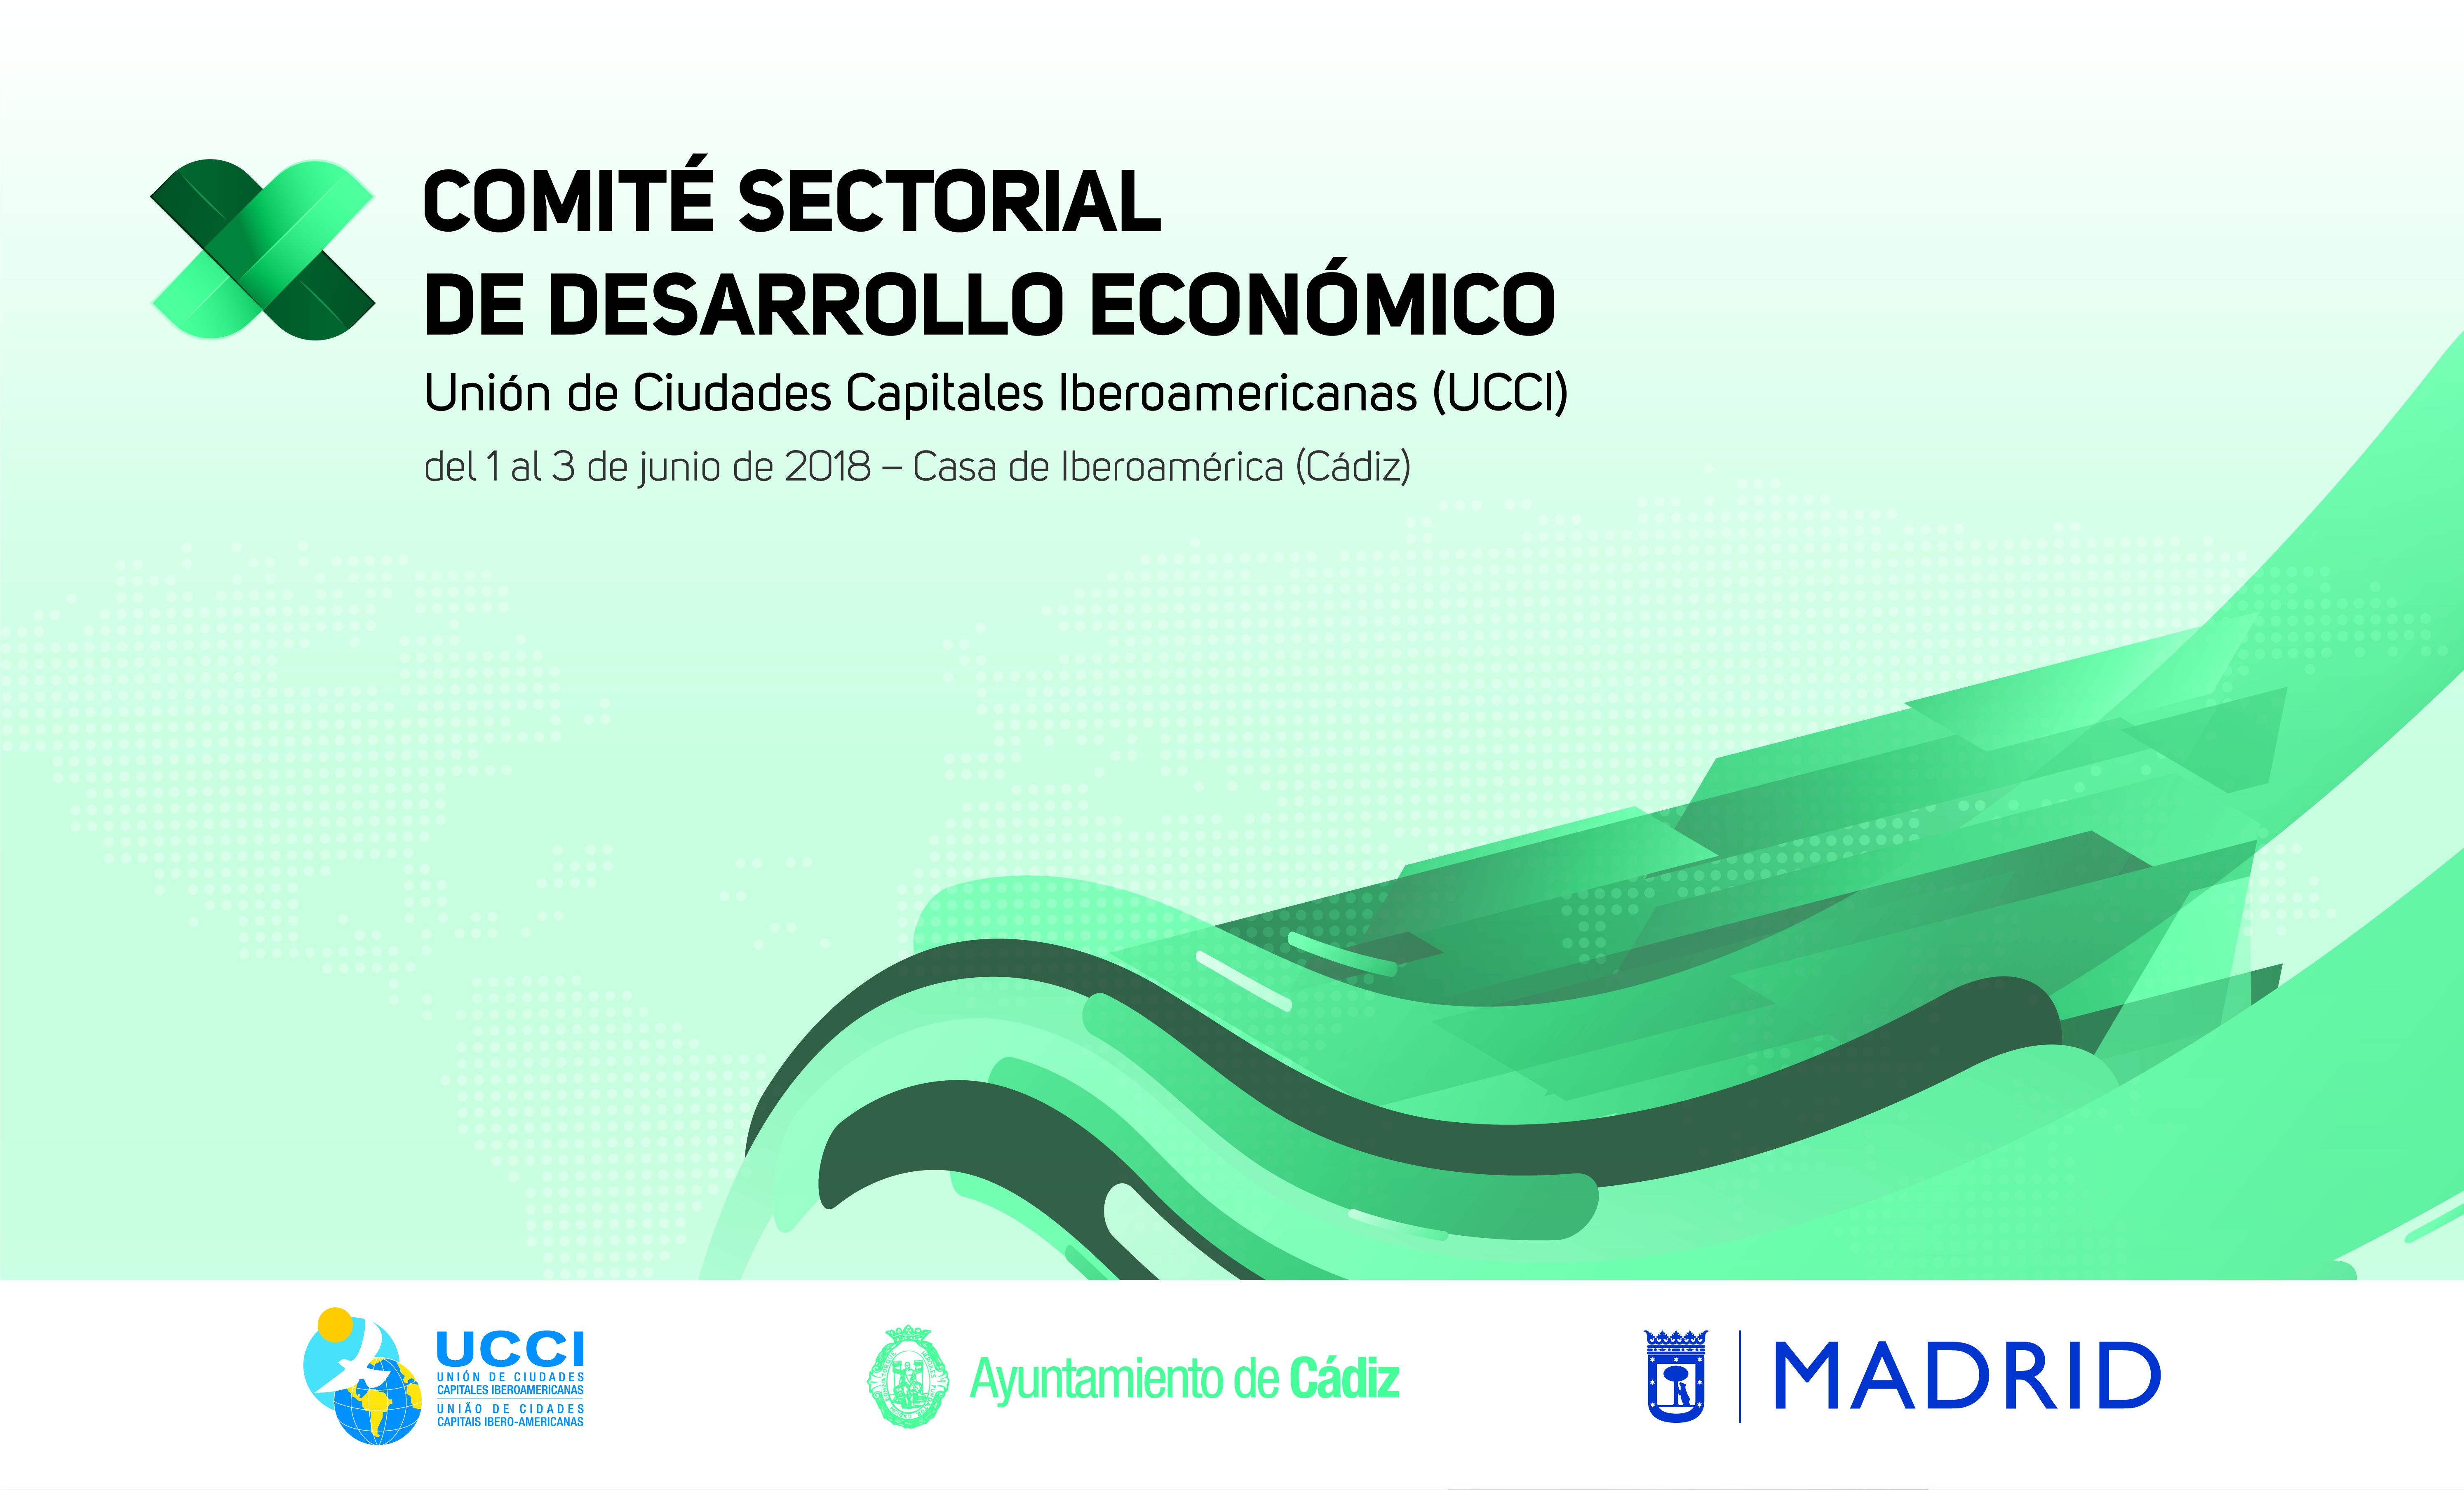 X Comité Sectorial de desarrollo económico